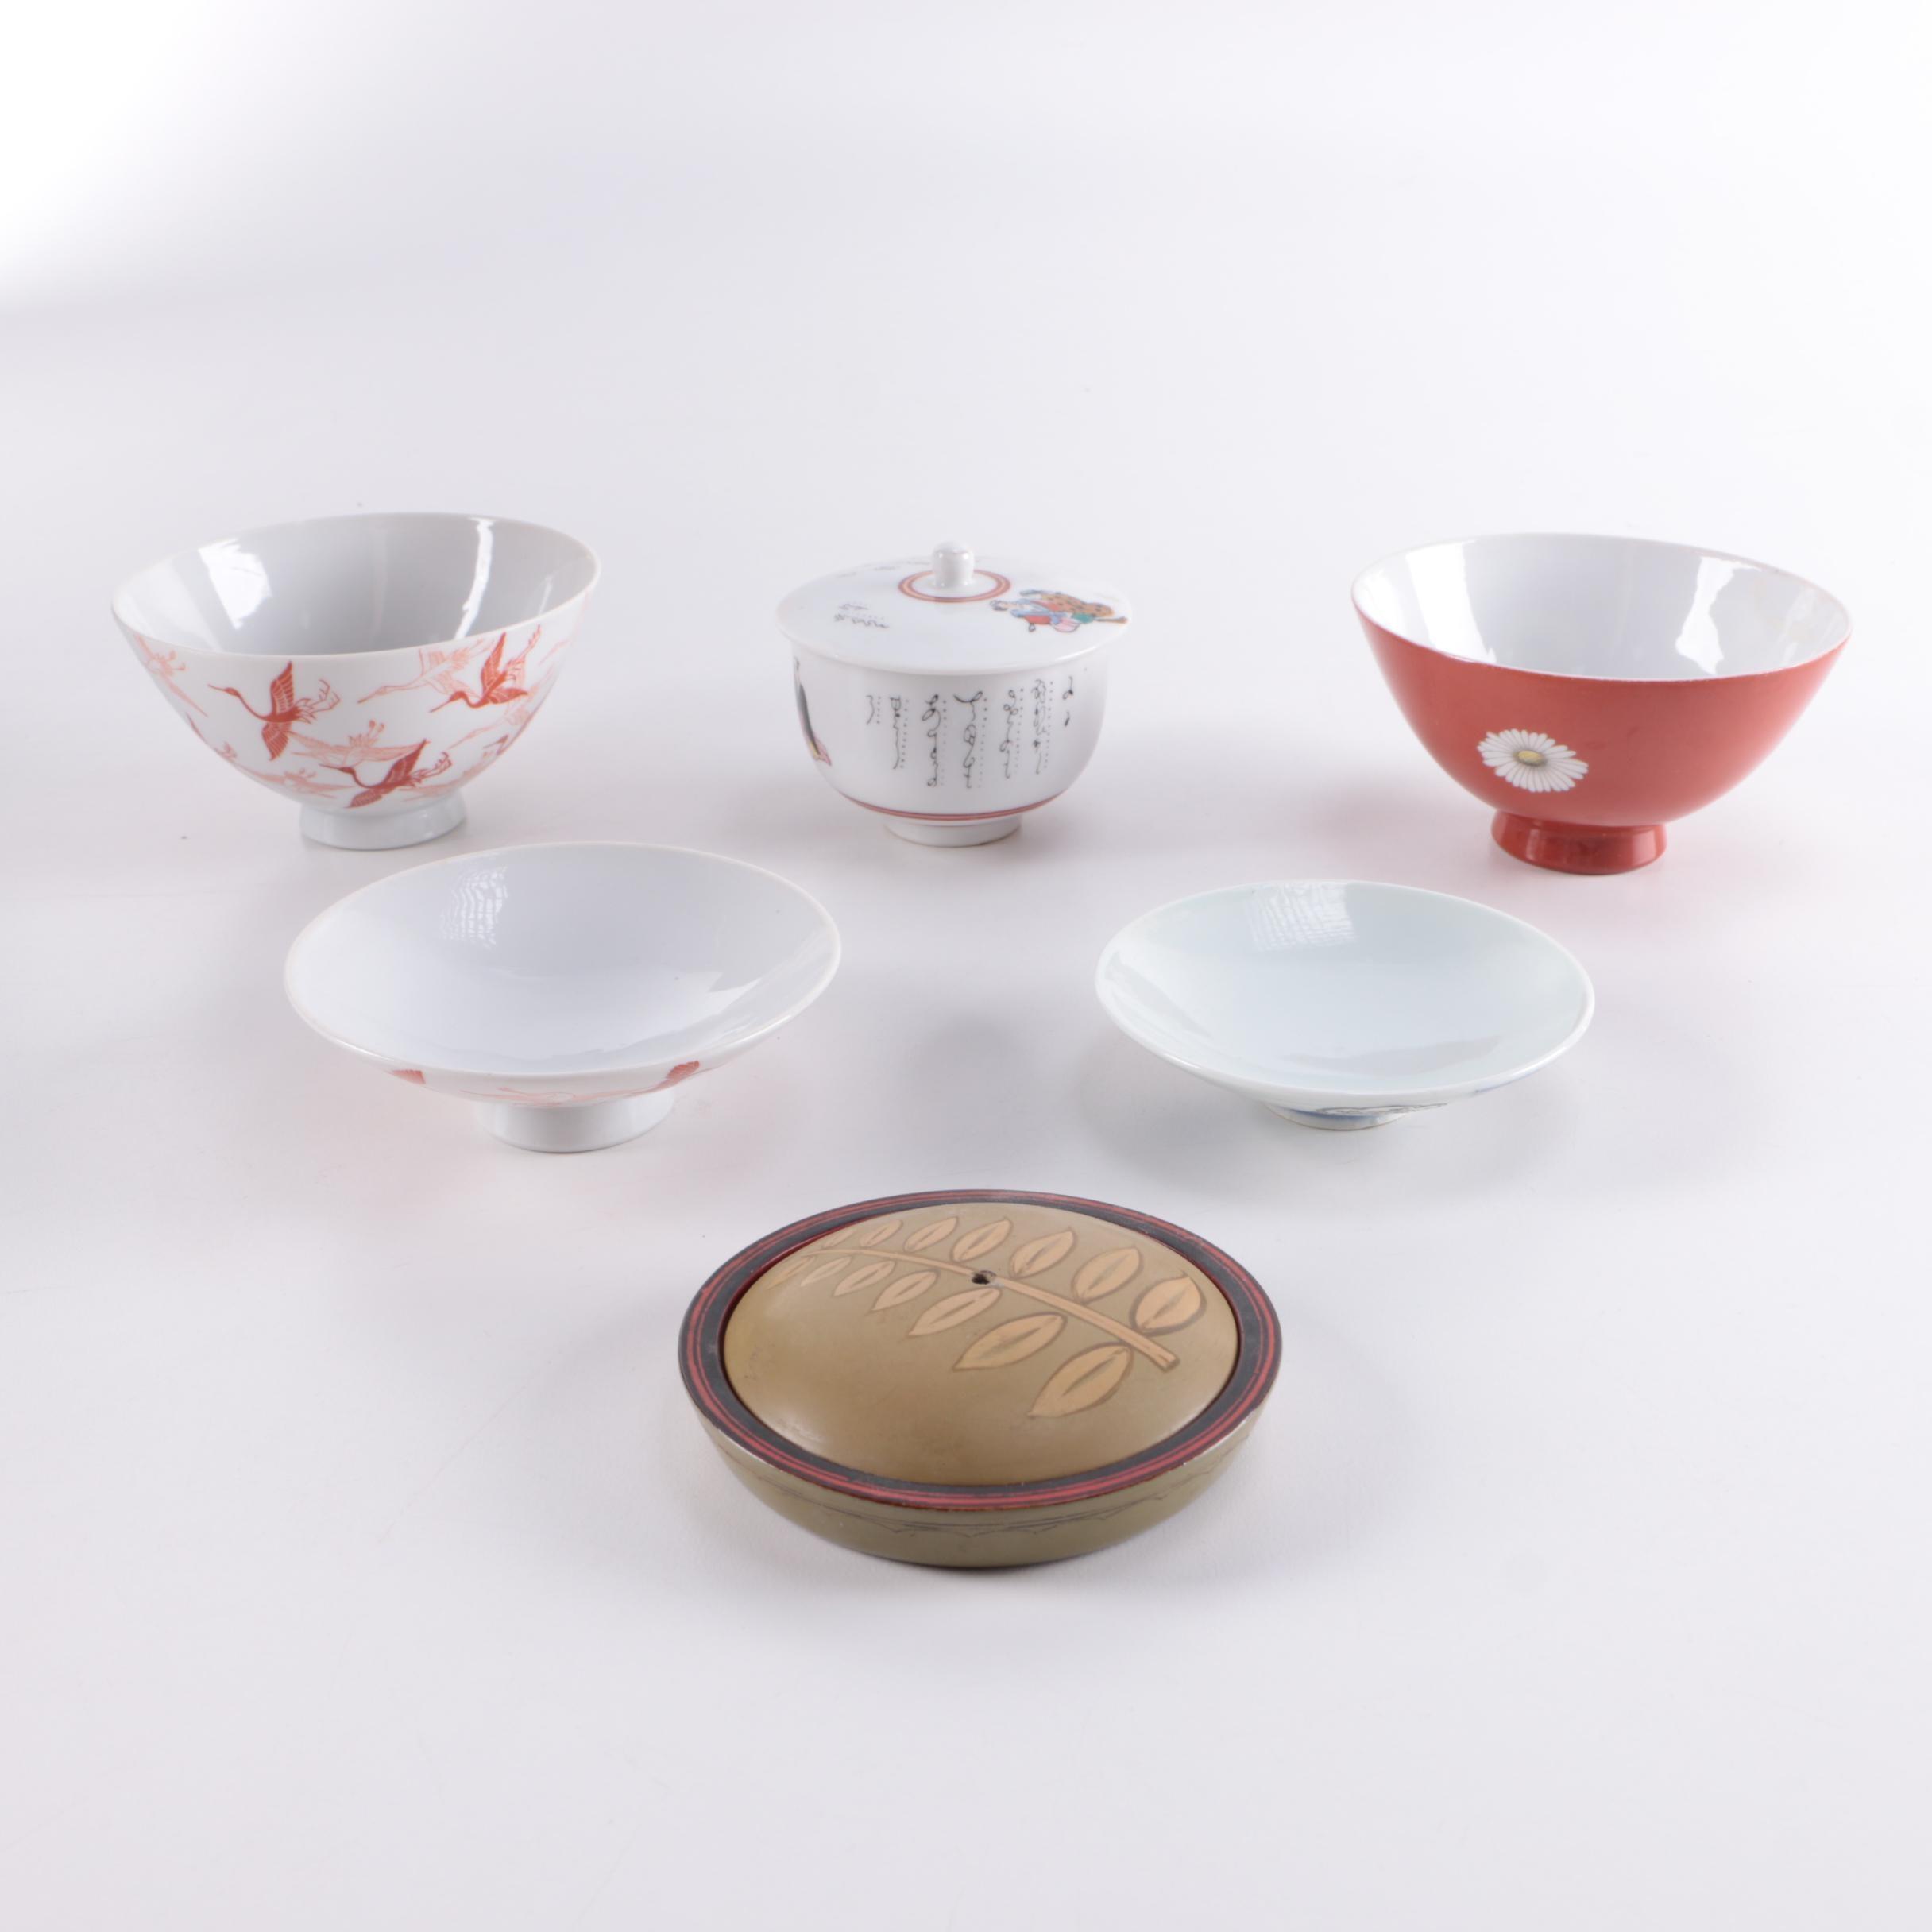 Assortment of Asian Inspired Porcelain